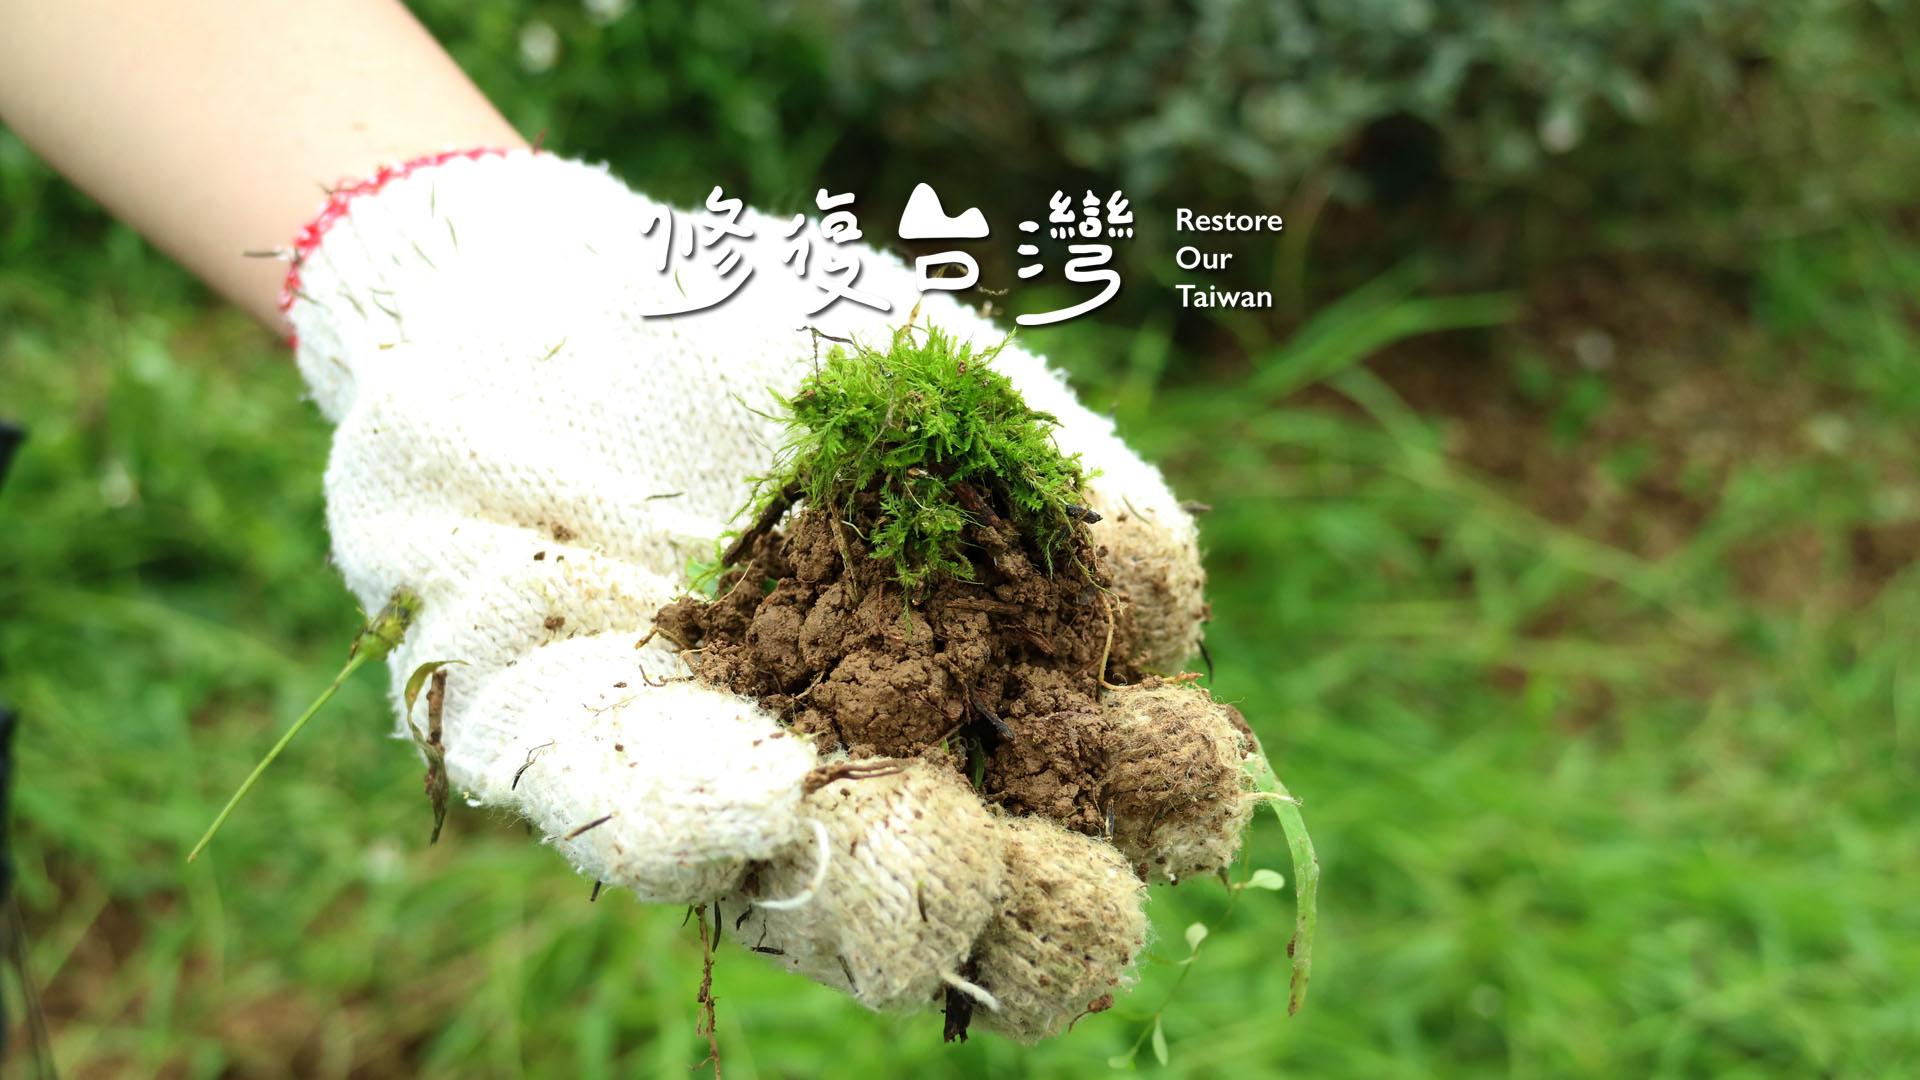 | 21天線上攝影展 | 5場環境講座 | 2場生態工作假期 |